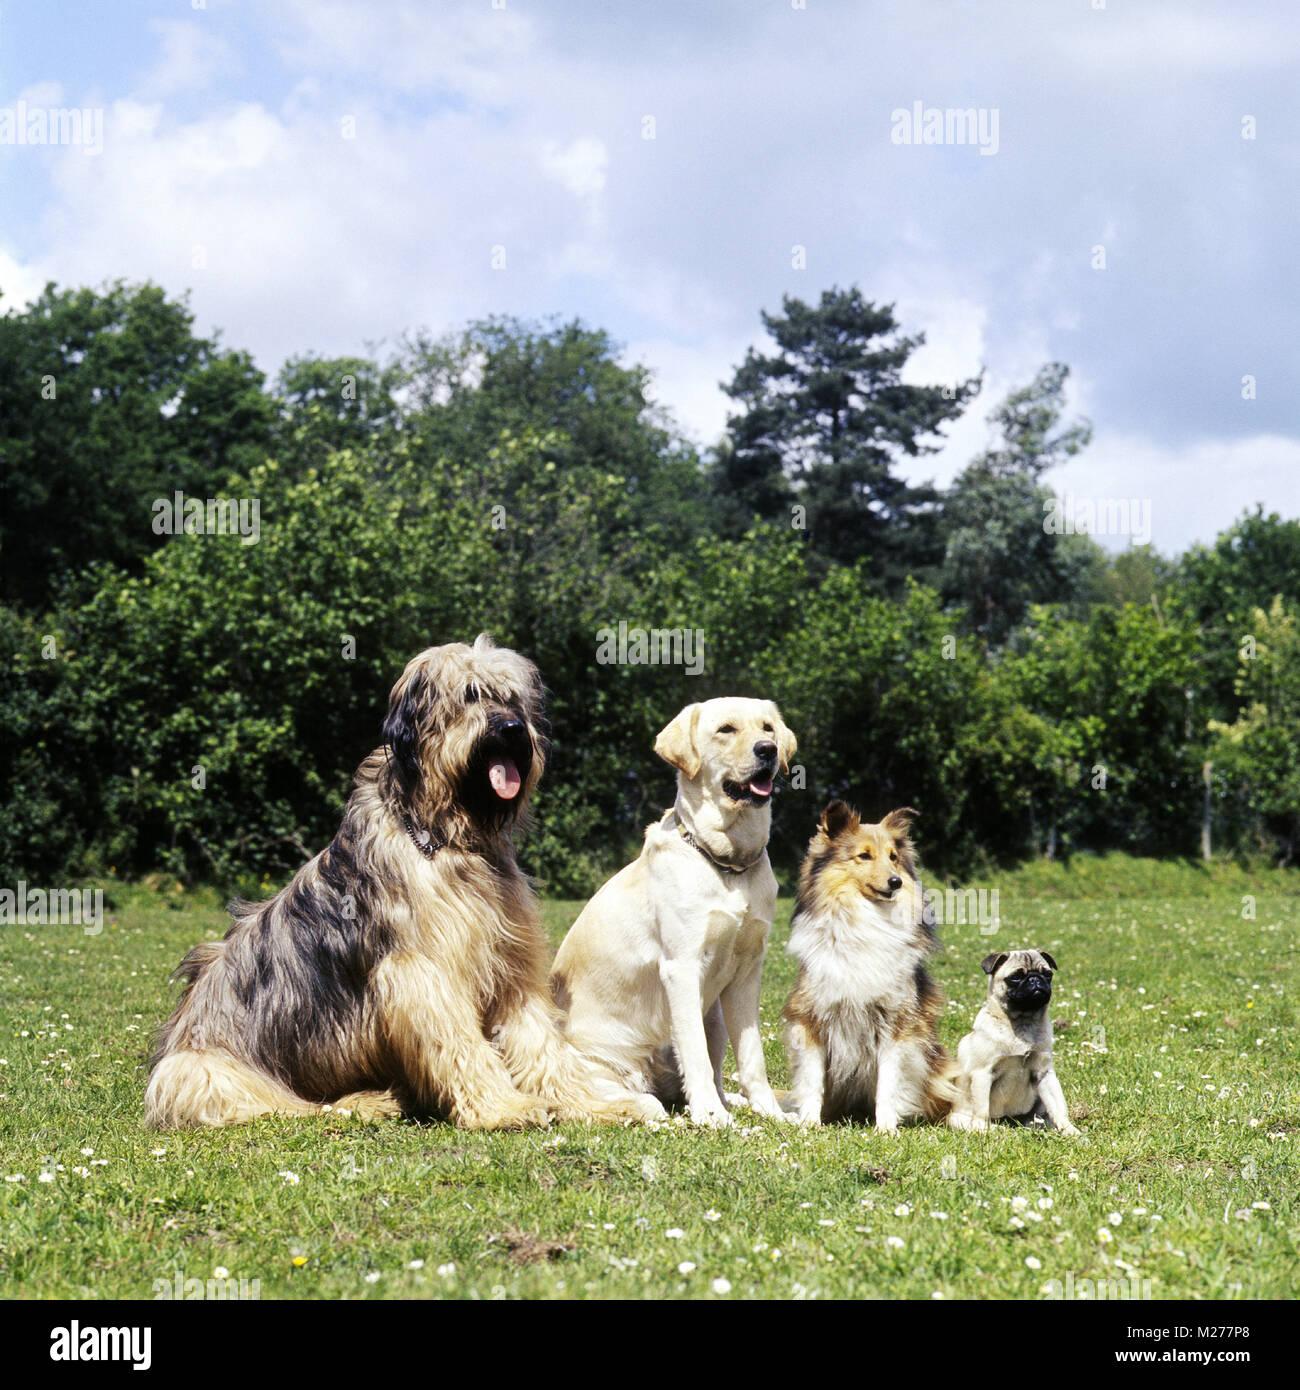 best website 78746 0fd83 briard, golden, sheltie and pug together